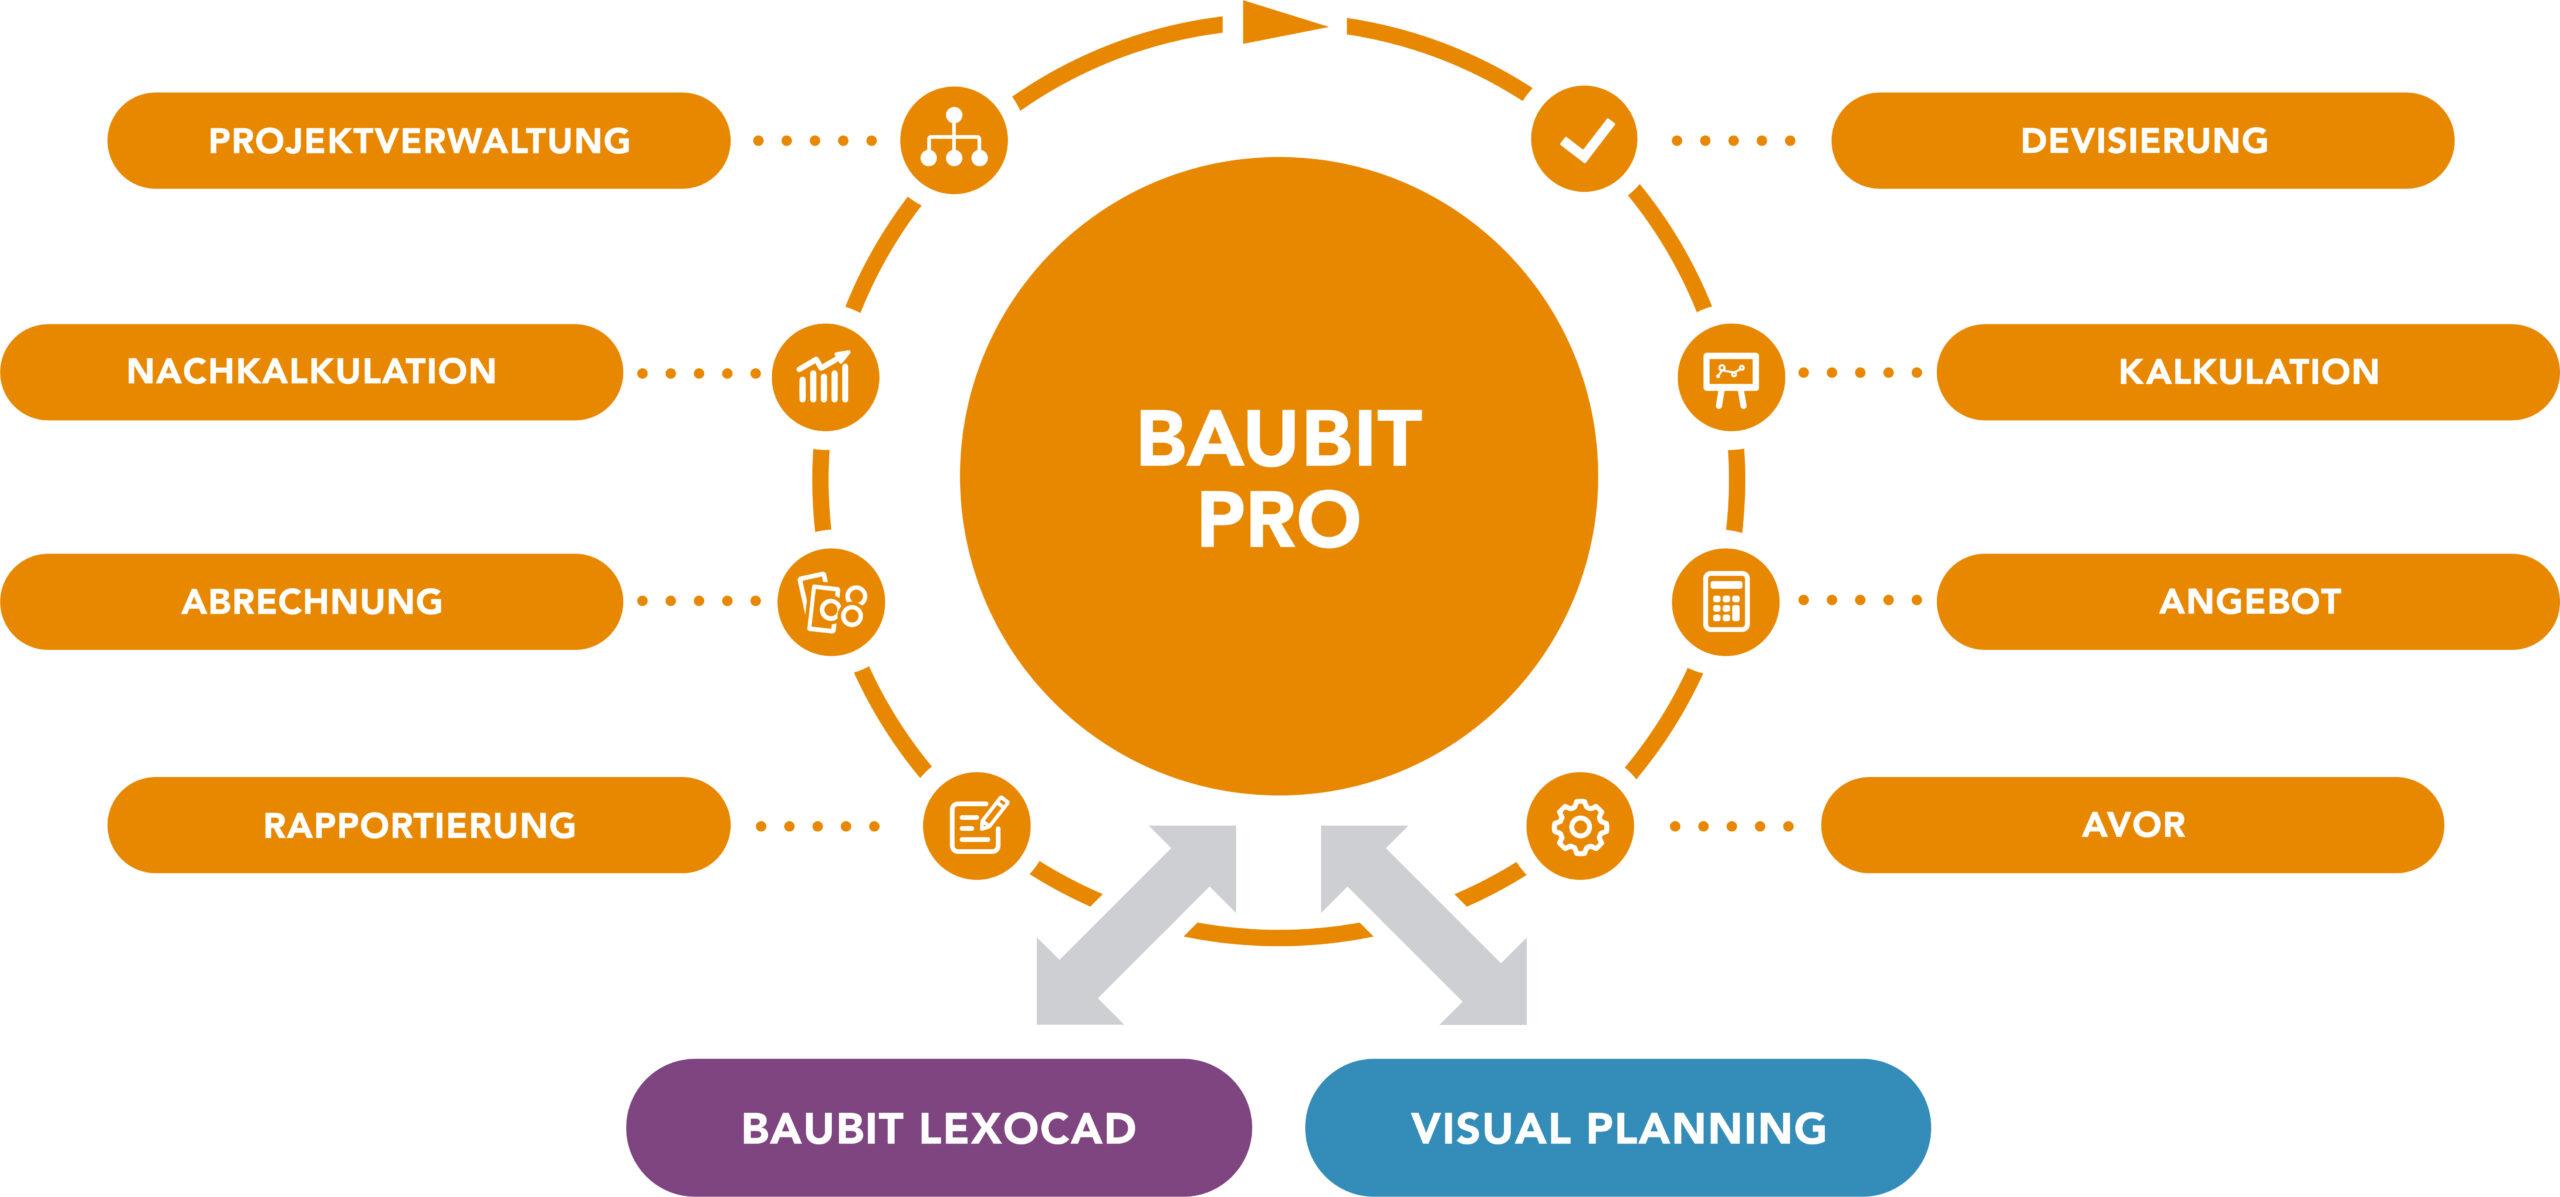 infografik_baubit_pro_neu